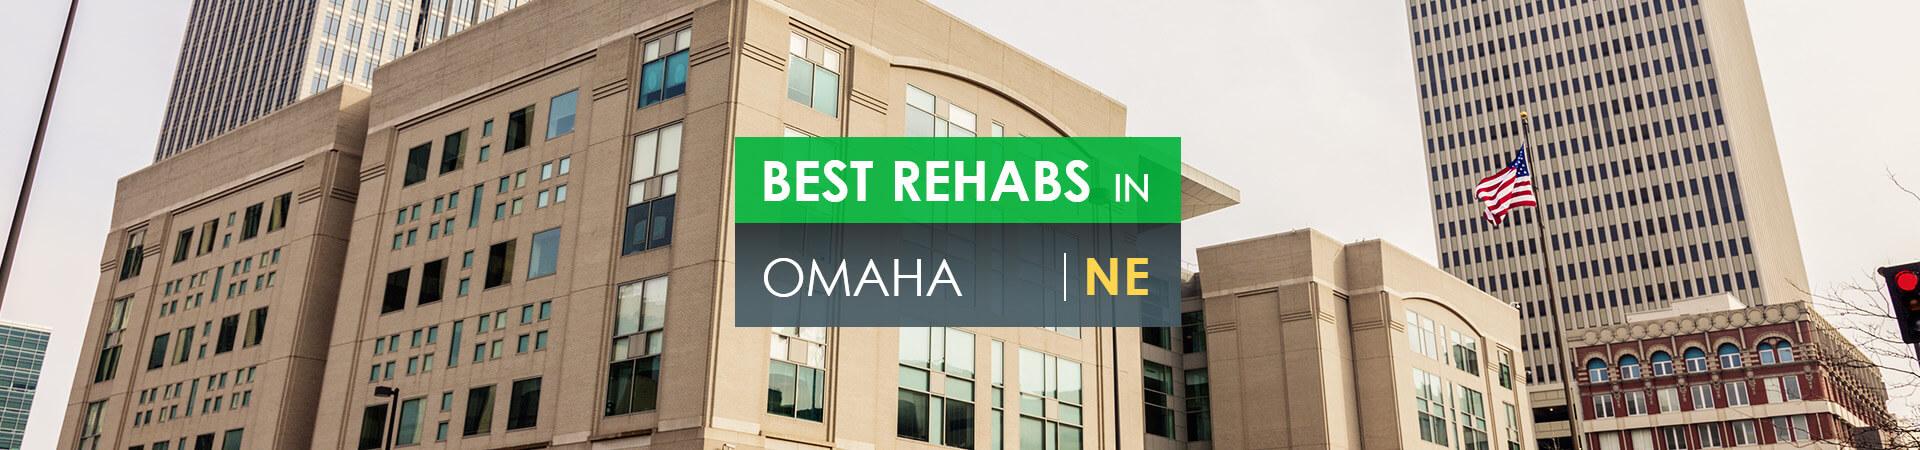 Best rehabs in Omaha, NE